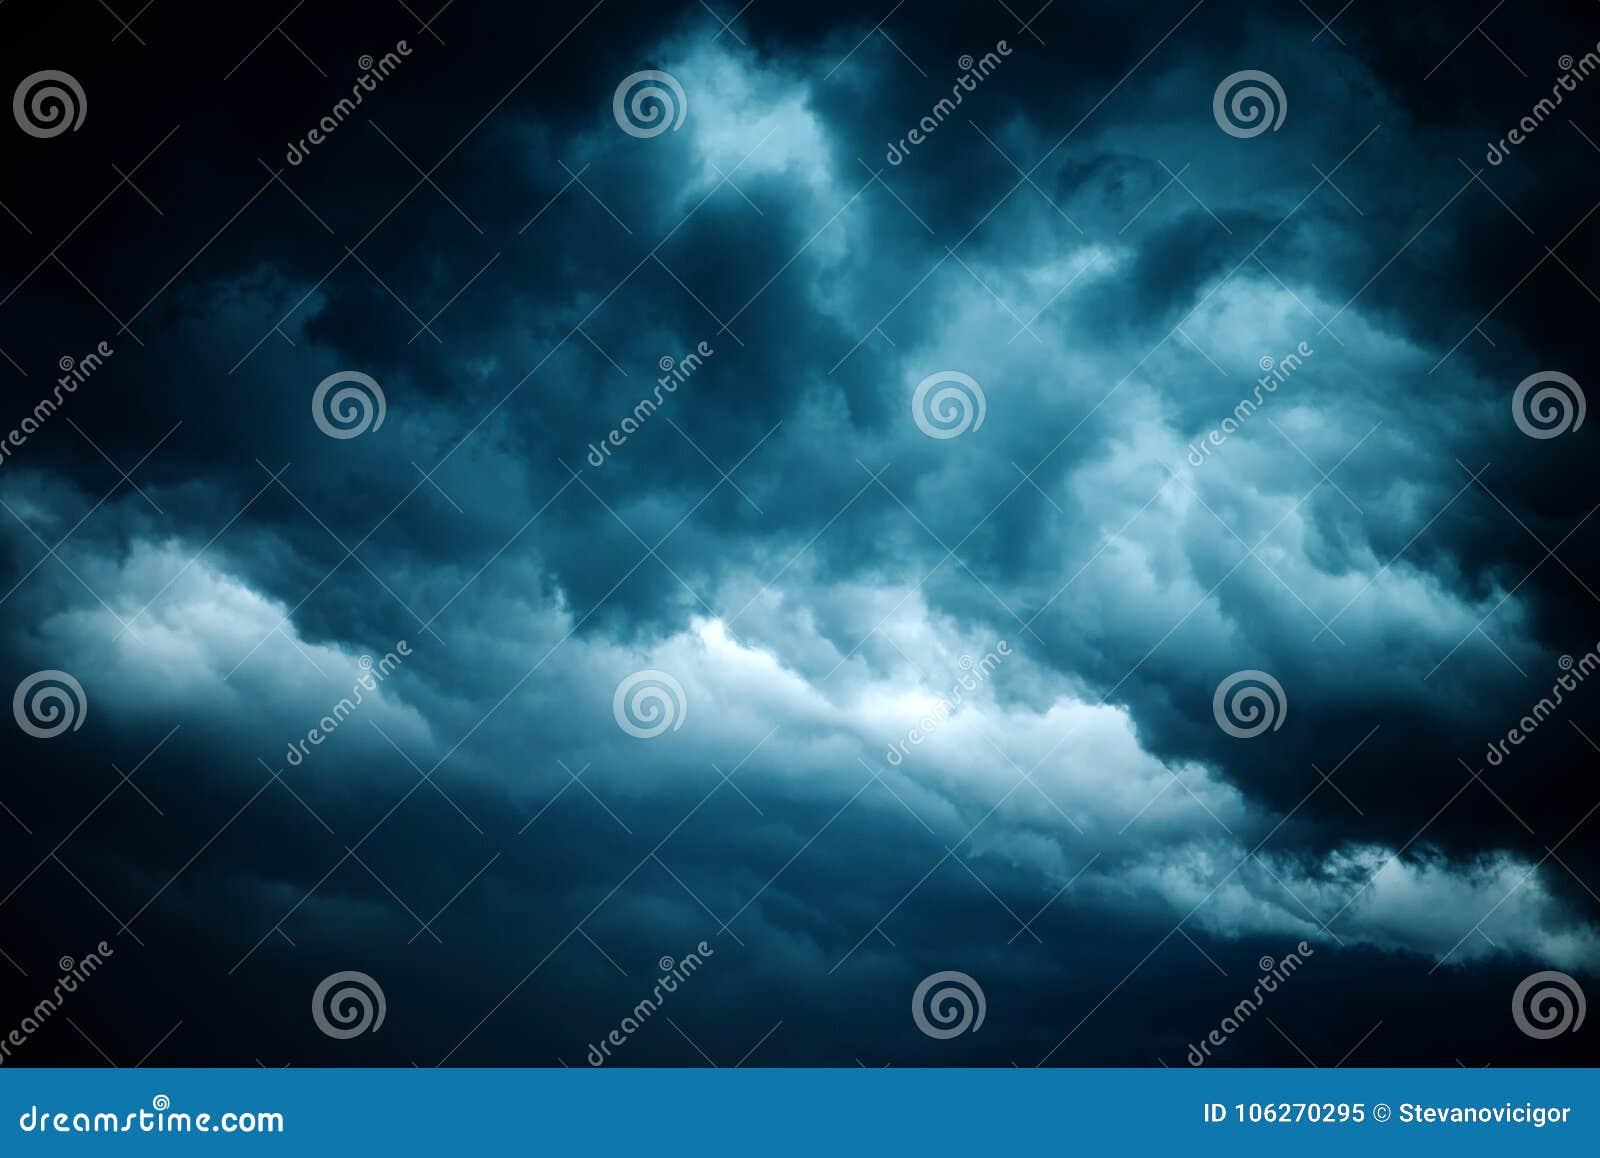 Δραματικός θυελλώδης ουρανός, σκοτεινά σύννεφα πριν από τη βροχή